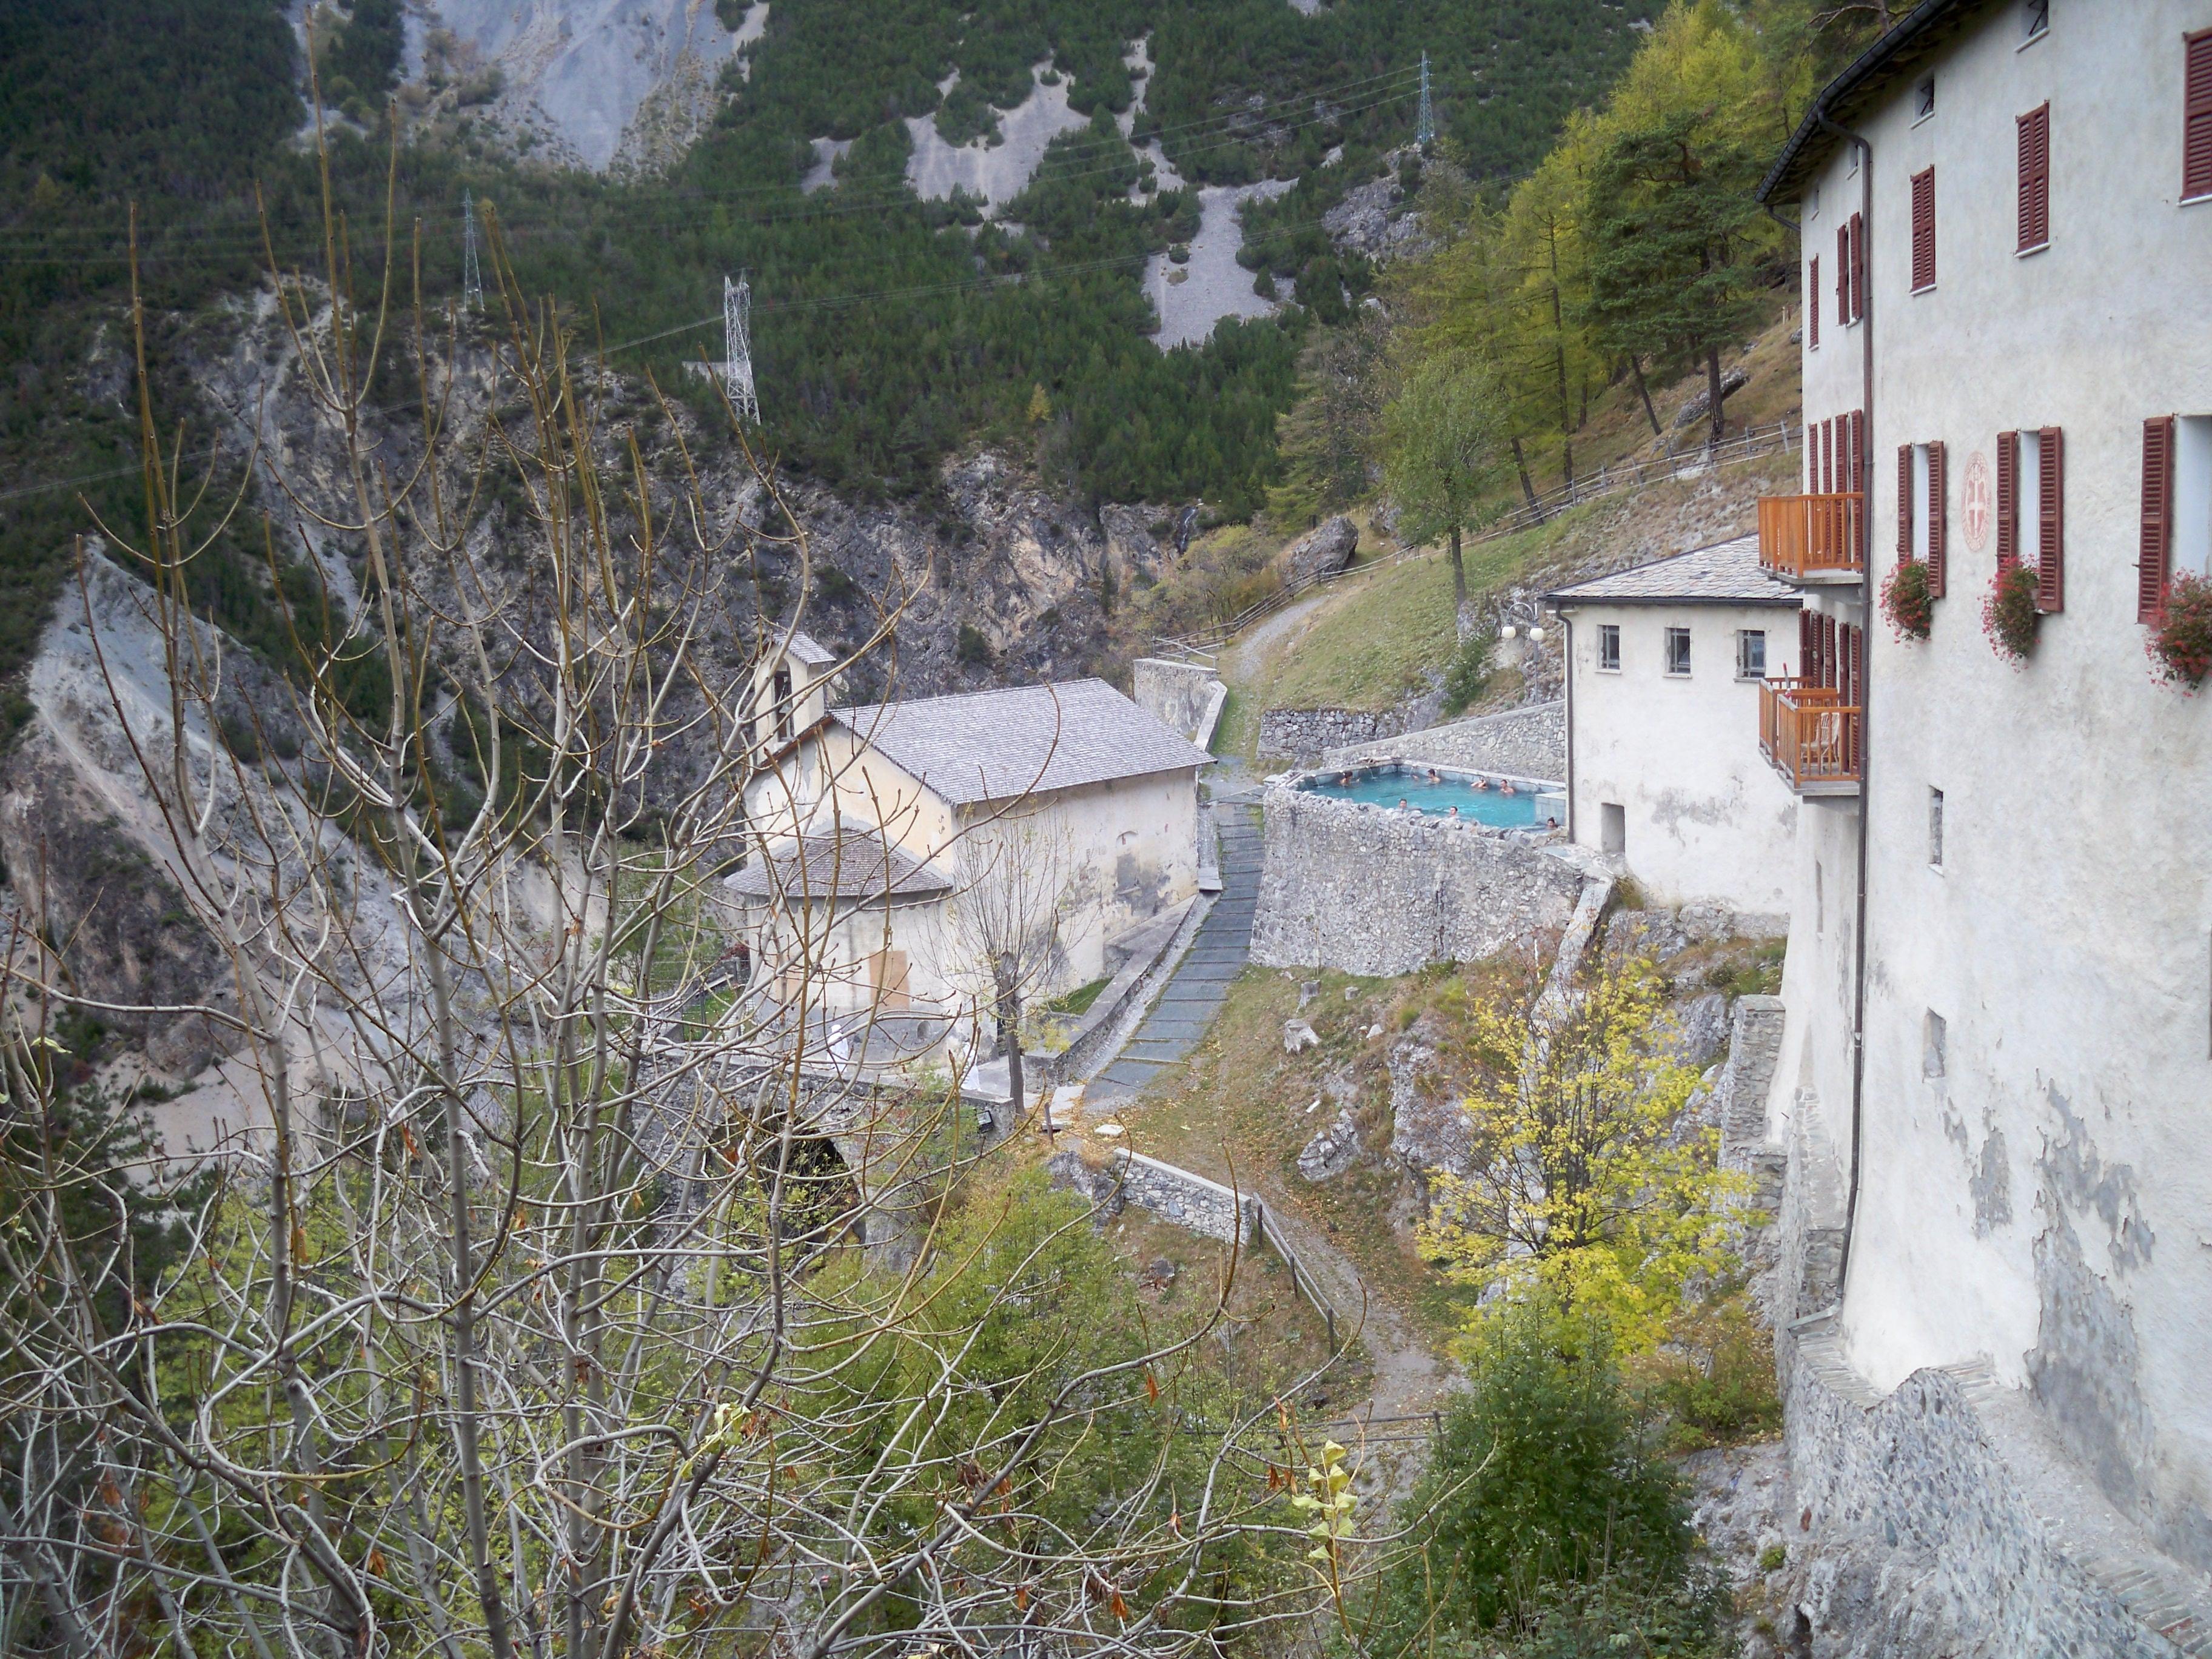 File bagni vecchi di bormio jpg wikimedia commons - Terme bagni vecchi bormio ...